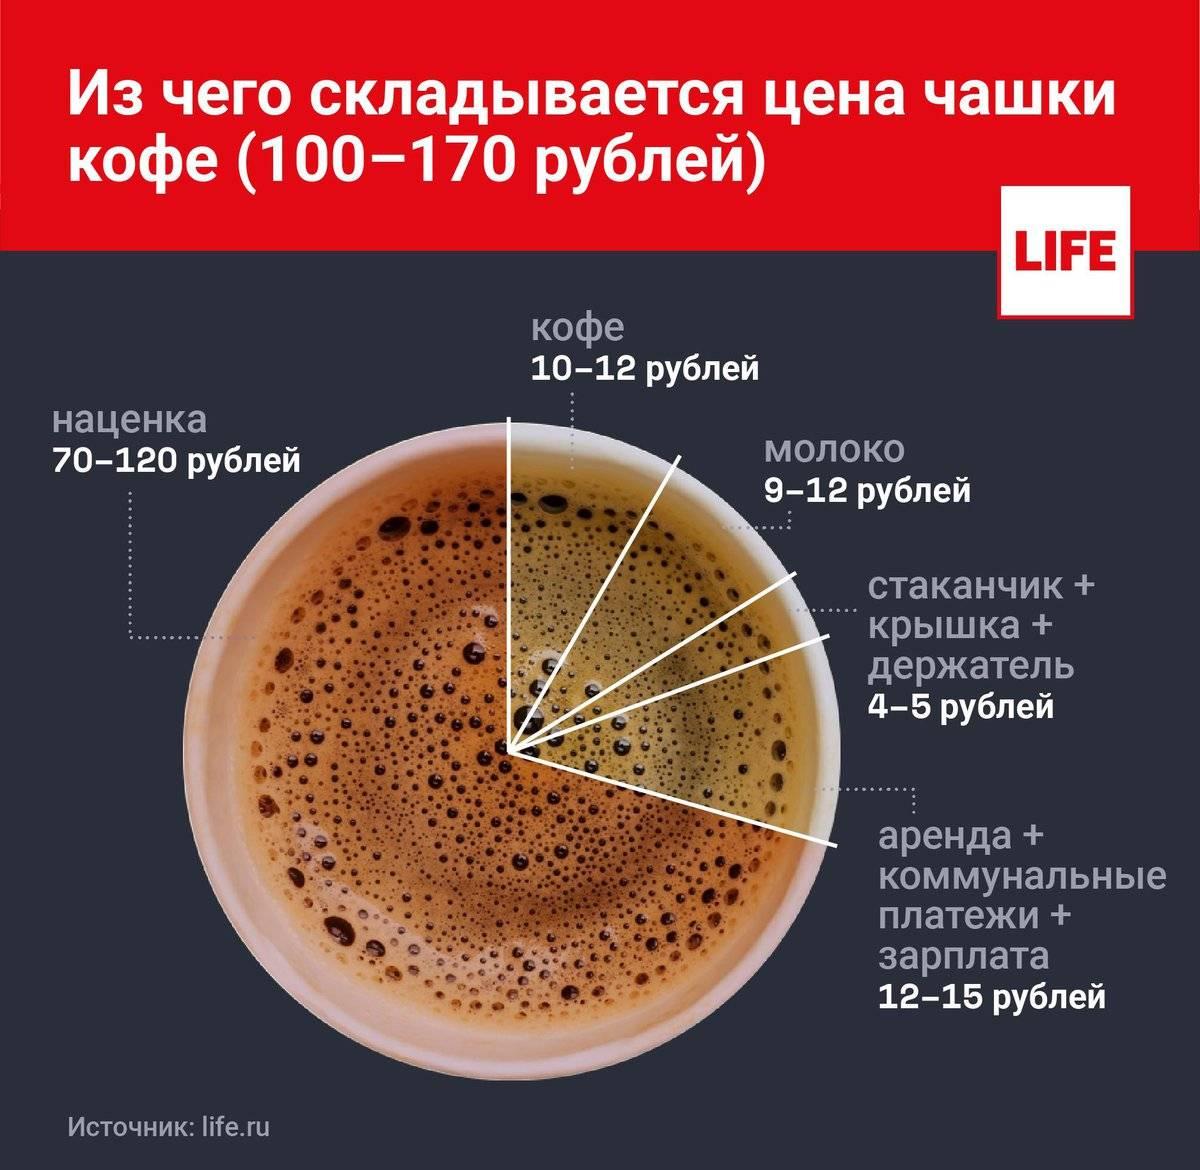 Симптомы и методы избавления от кофейной зависимости